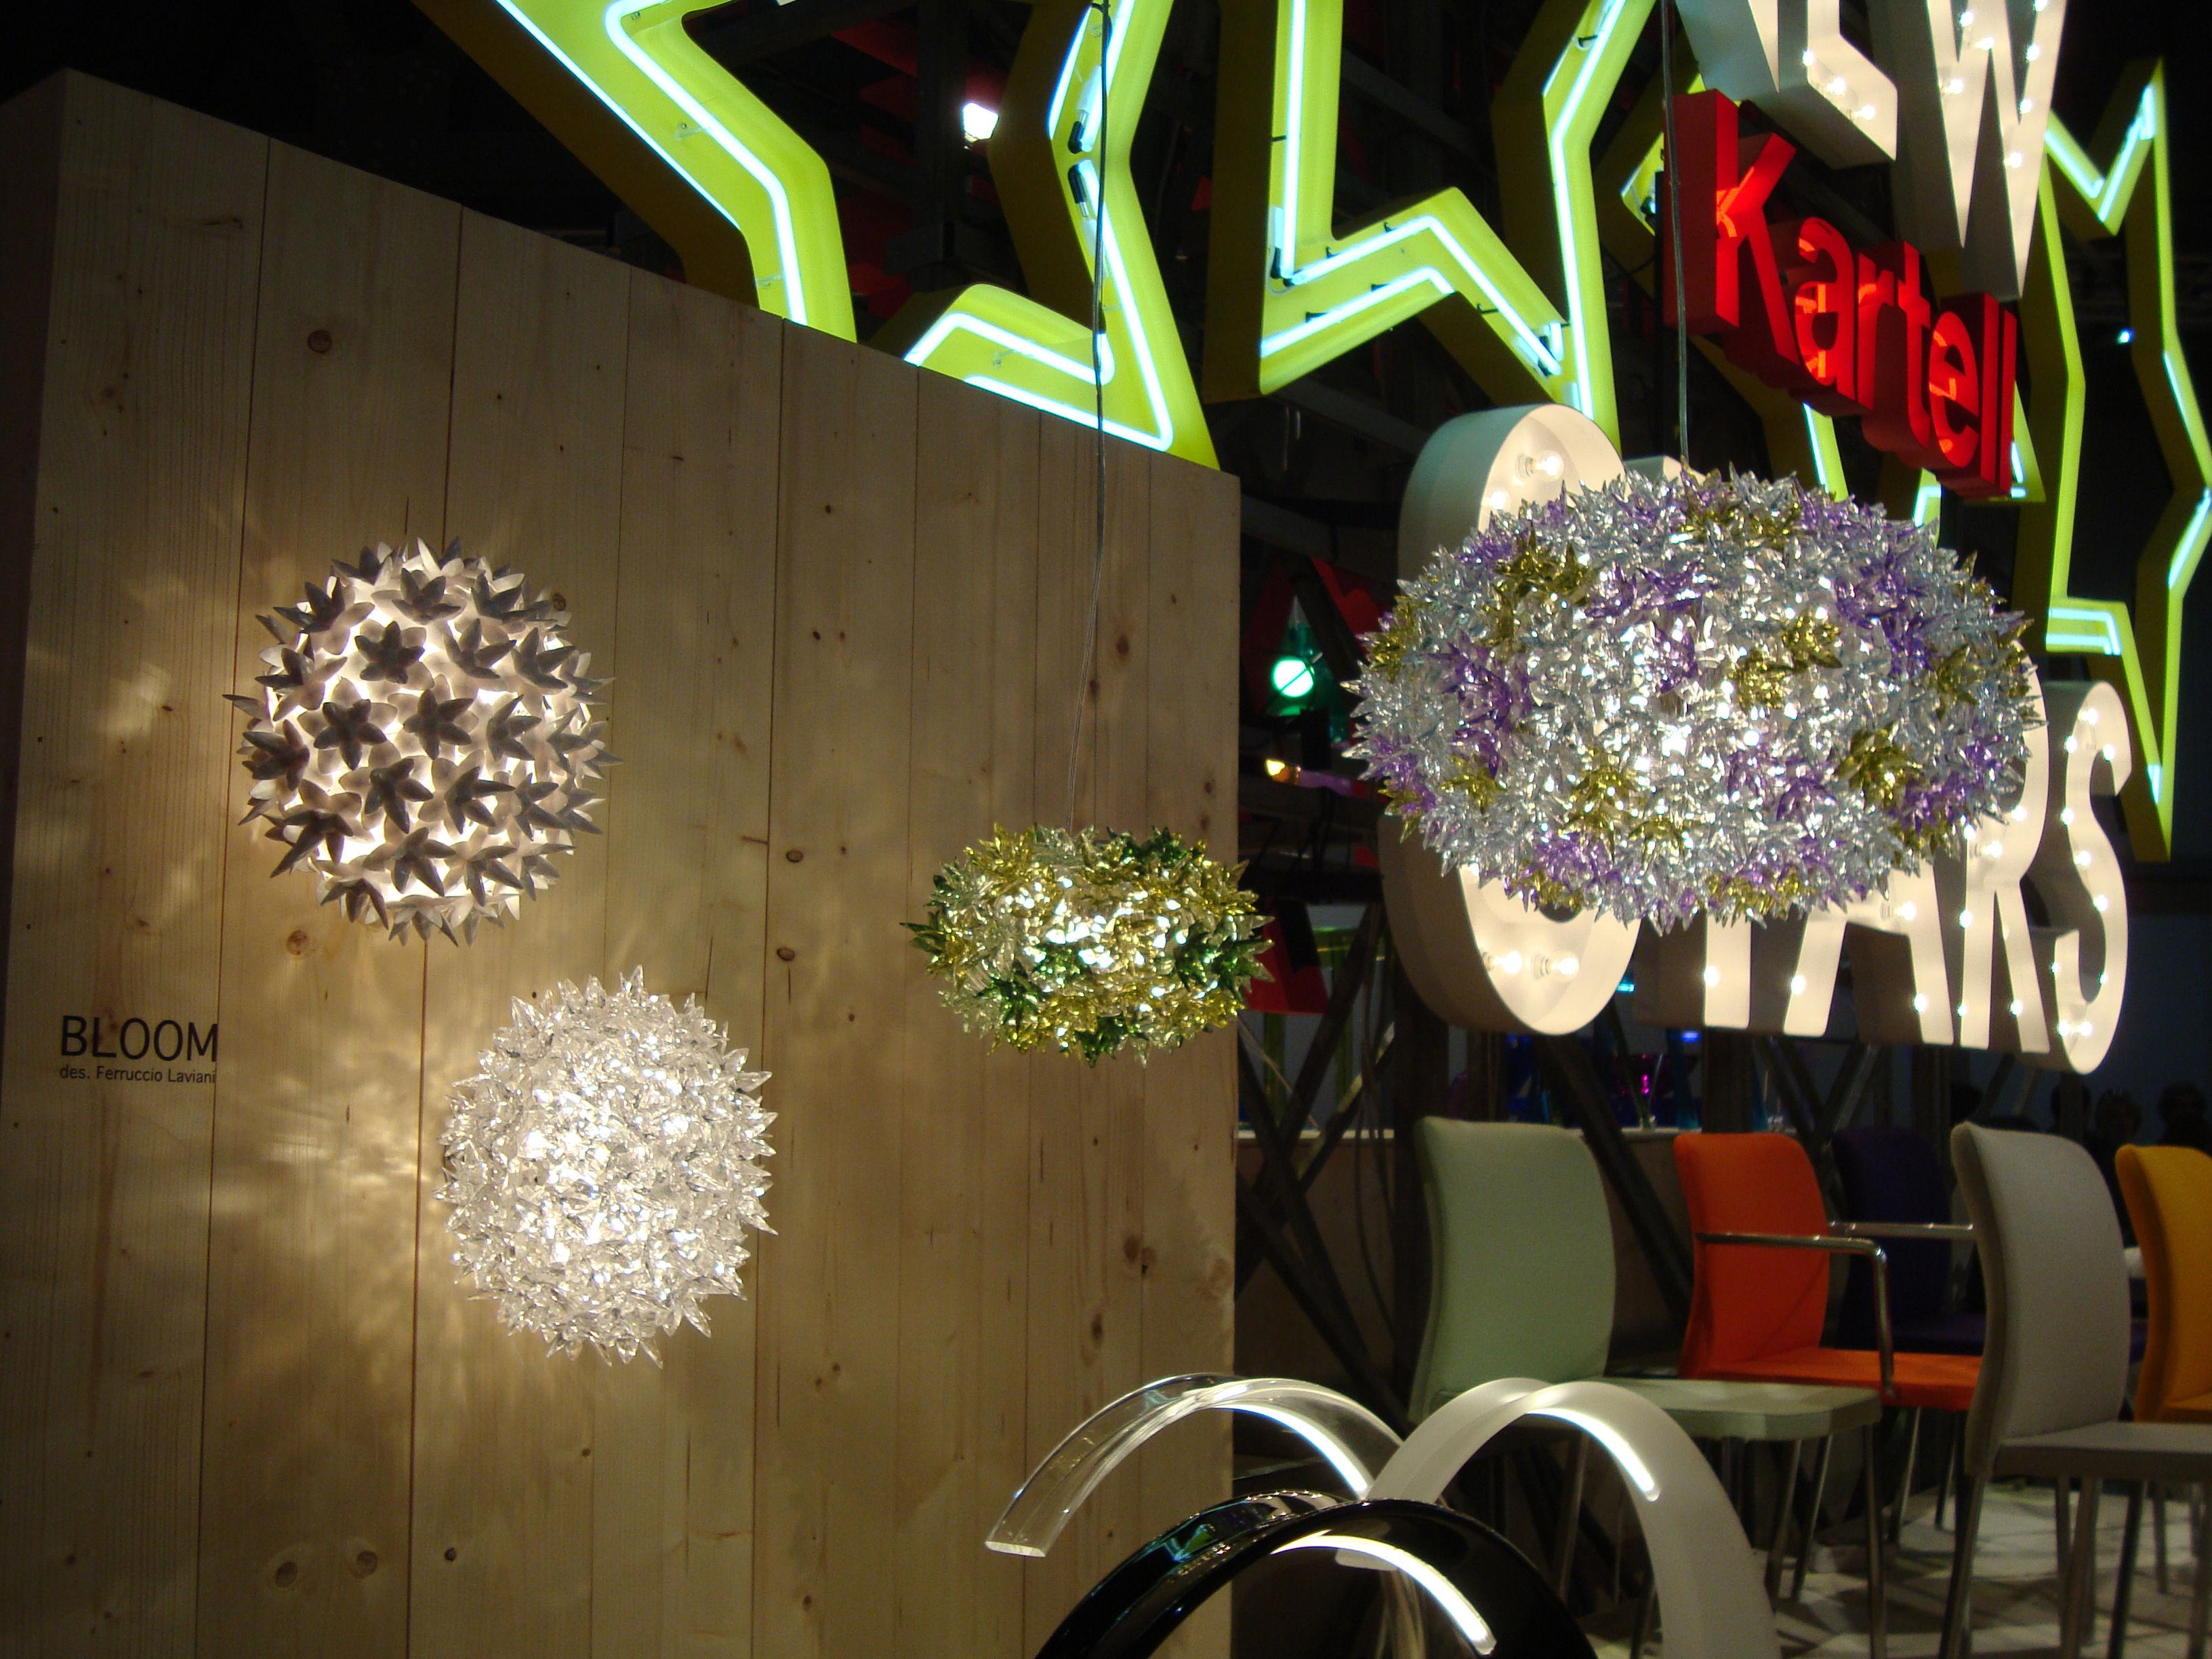 Plafoniere Kartell : Plafoniera bloom kartell bianco h 39 x Ø 53 made in design